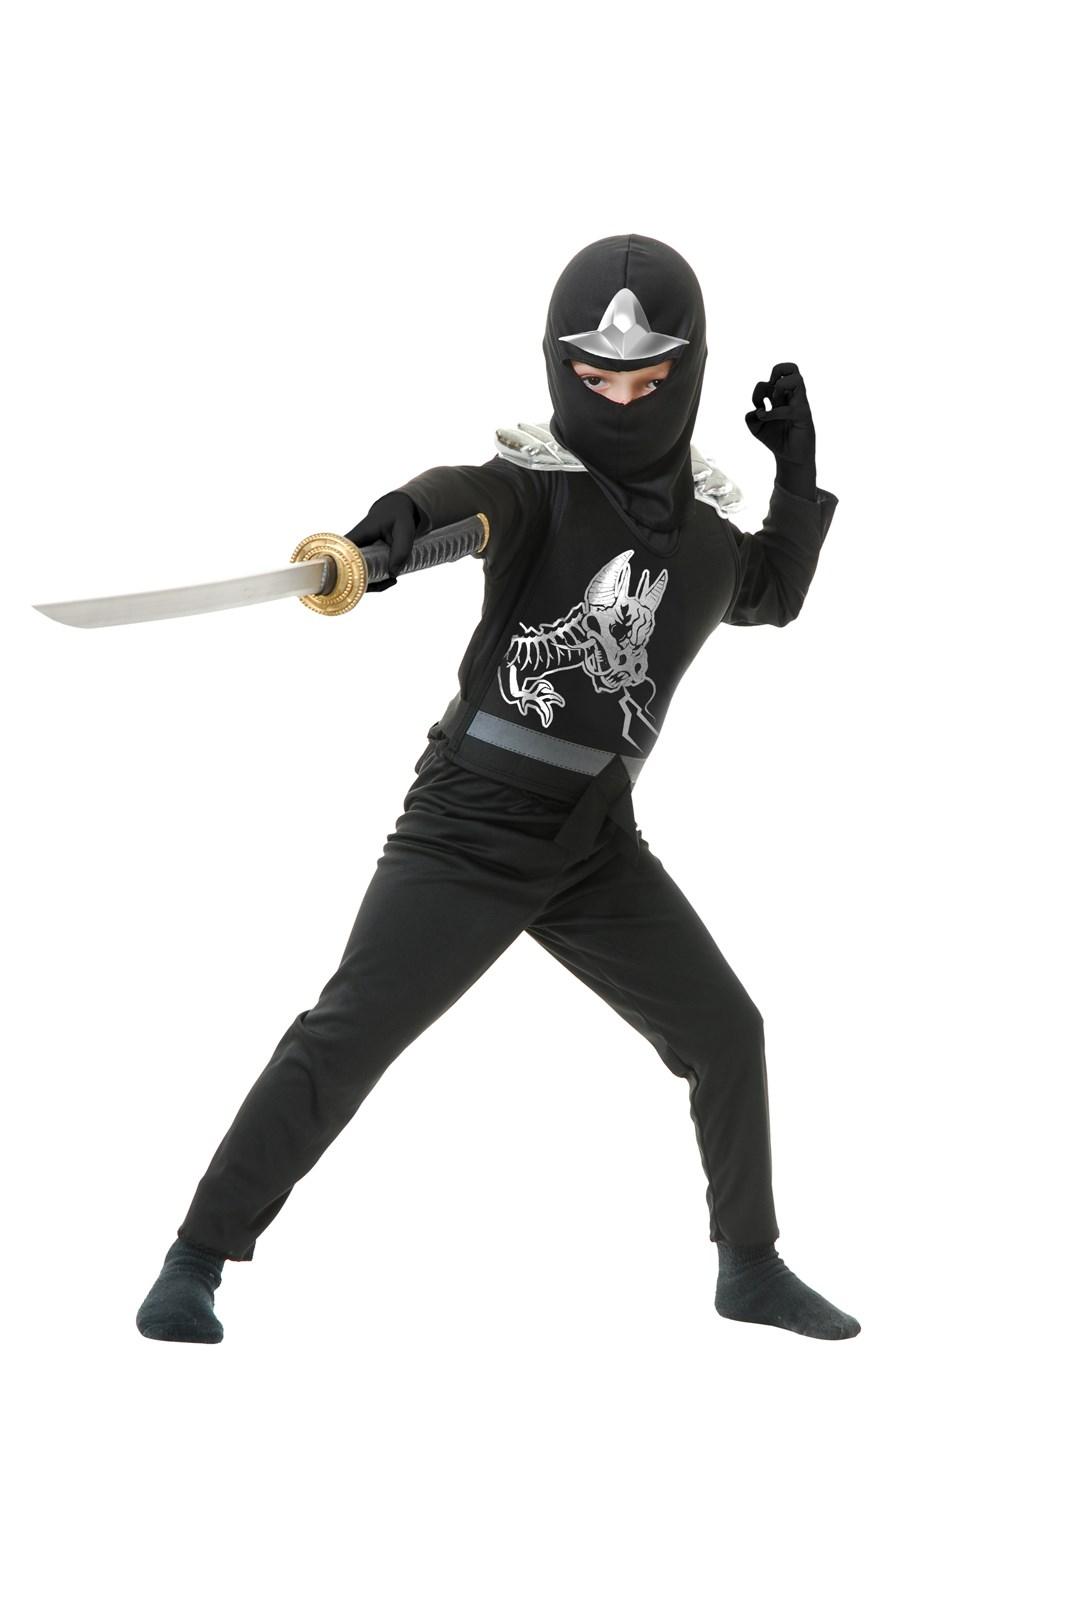 Image of Black Ninja Avengers Series II Child Costume